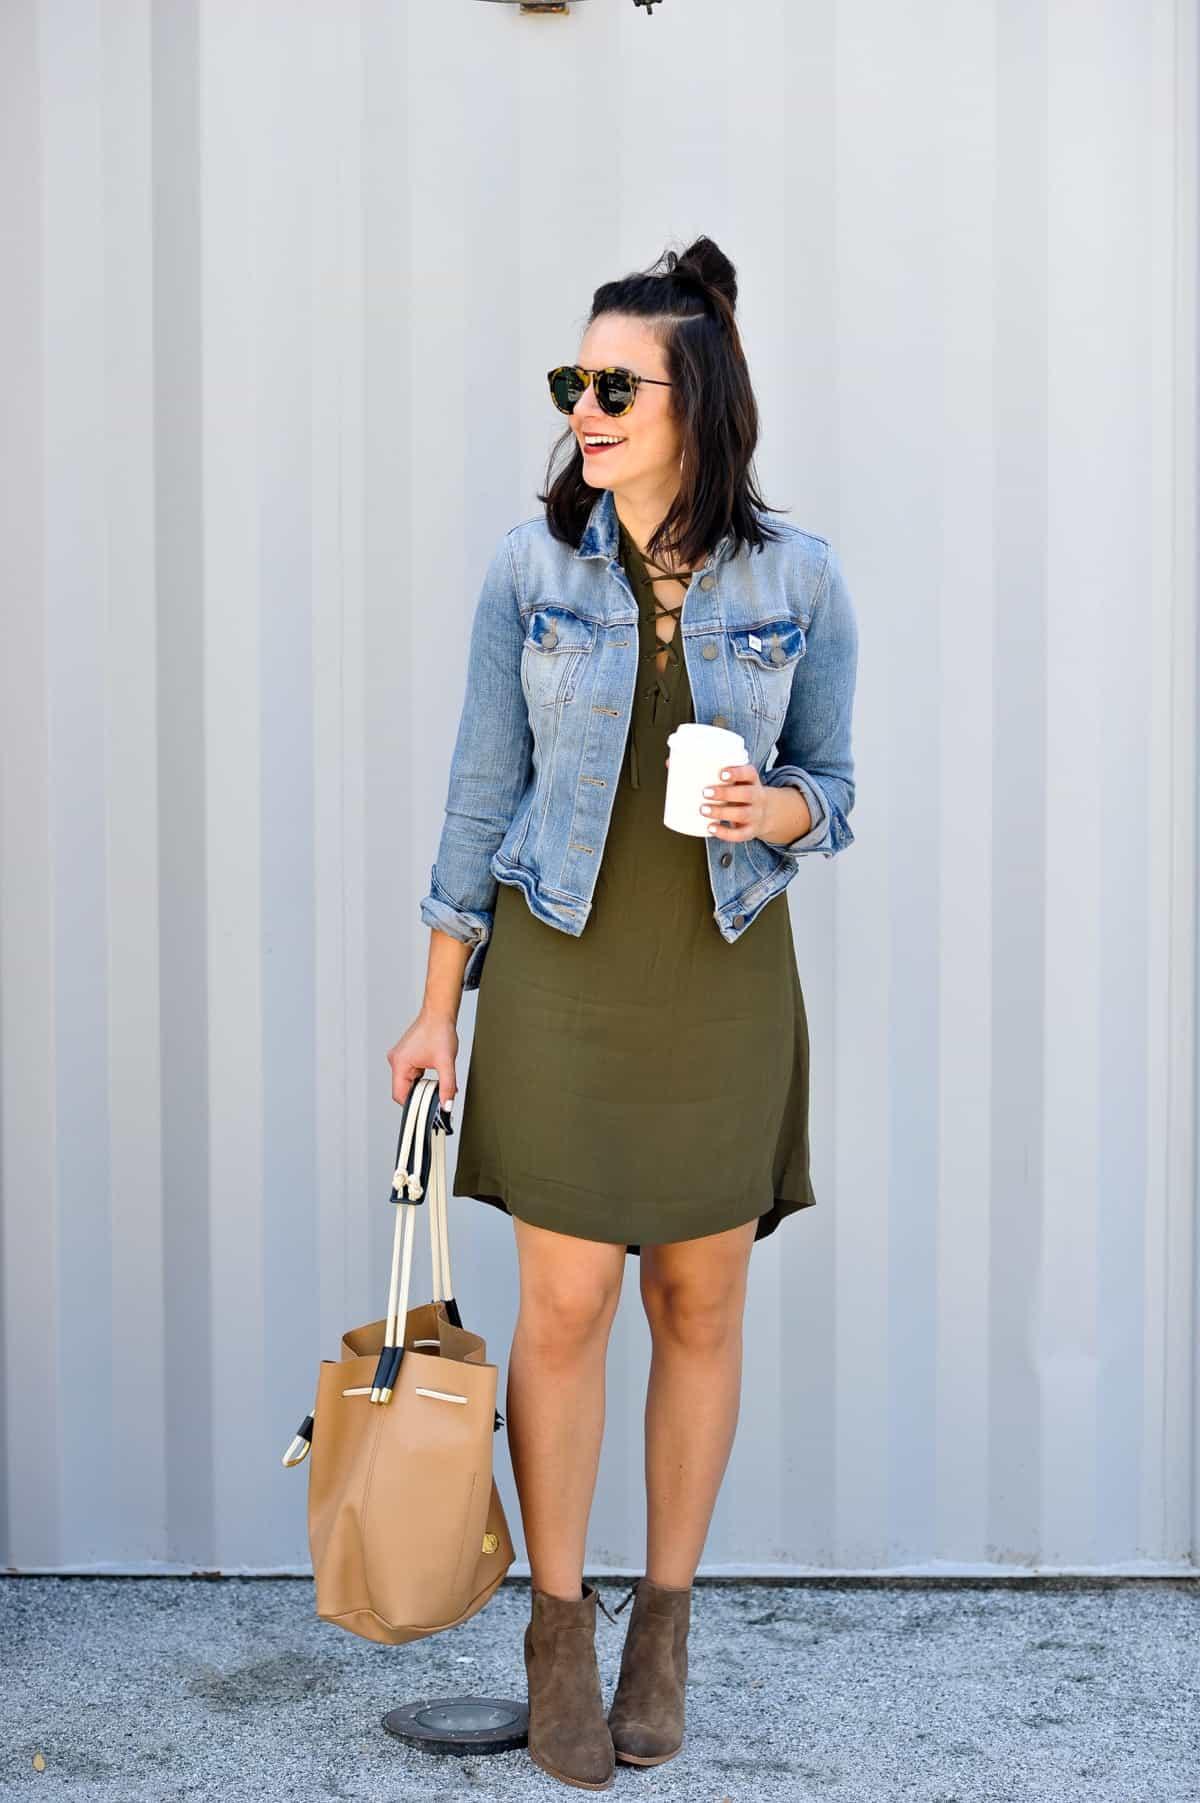 madewell novella lace up dress - My Style Vita @mystylevita